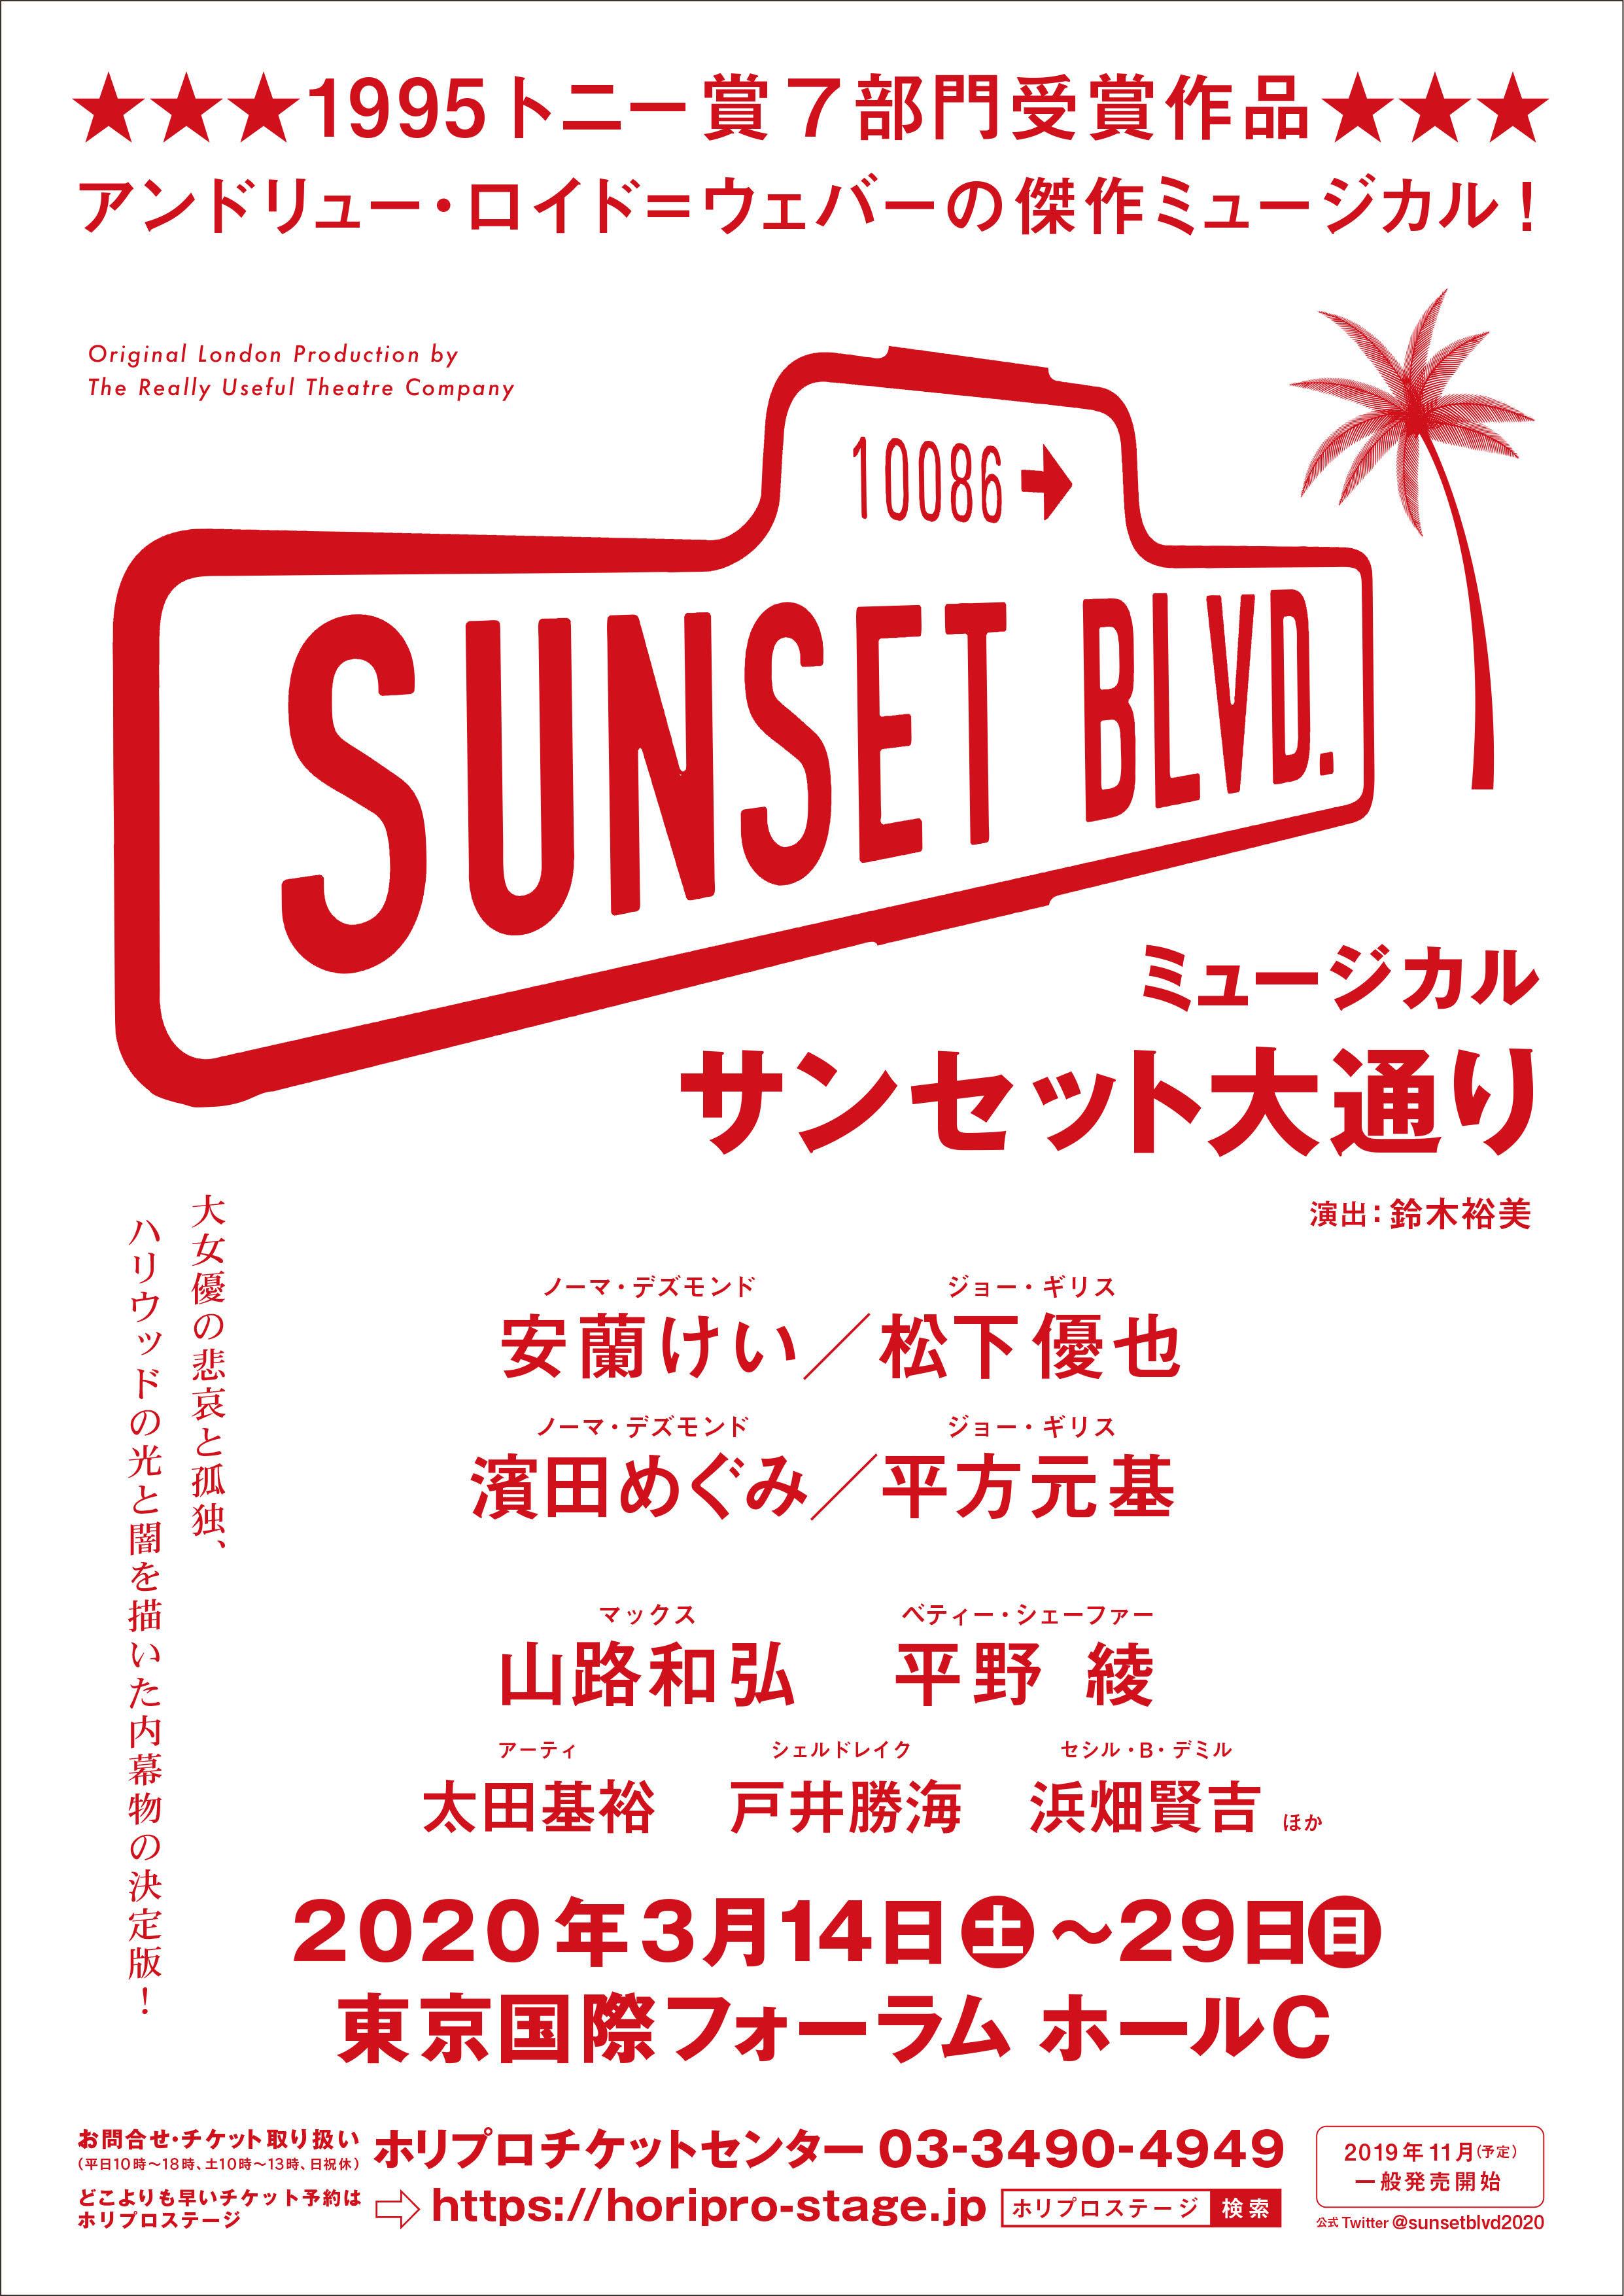 ミュージカル『サンセット大通り』2020年3月上演決定!